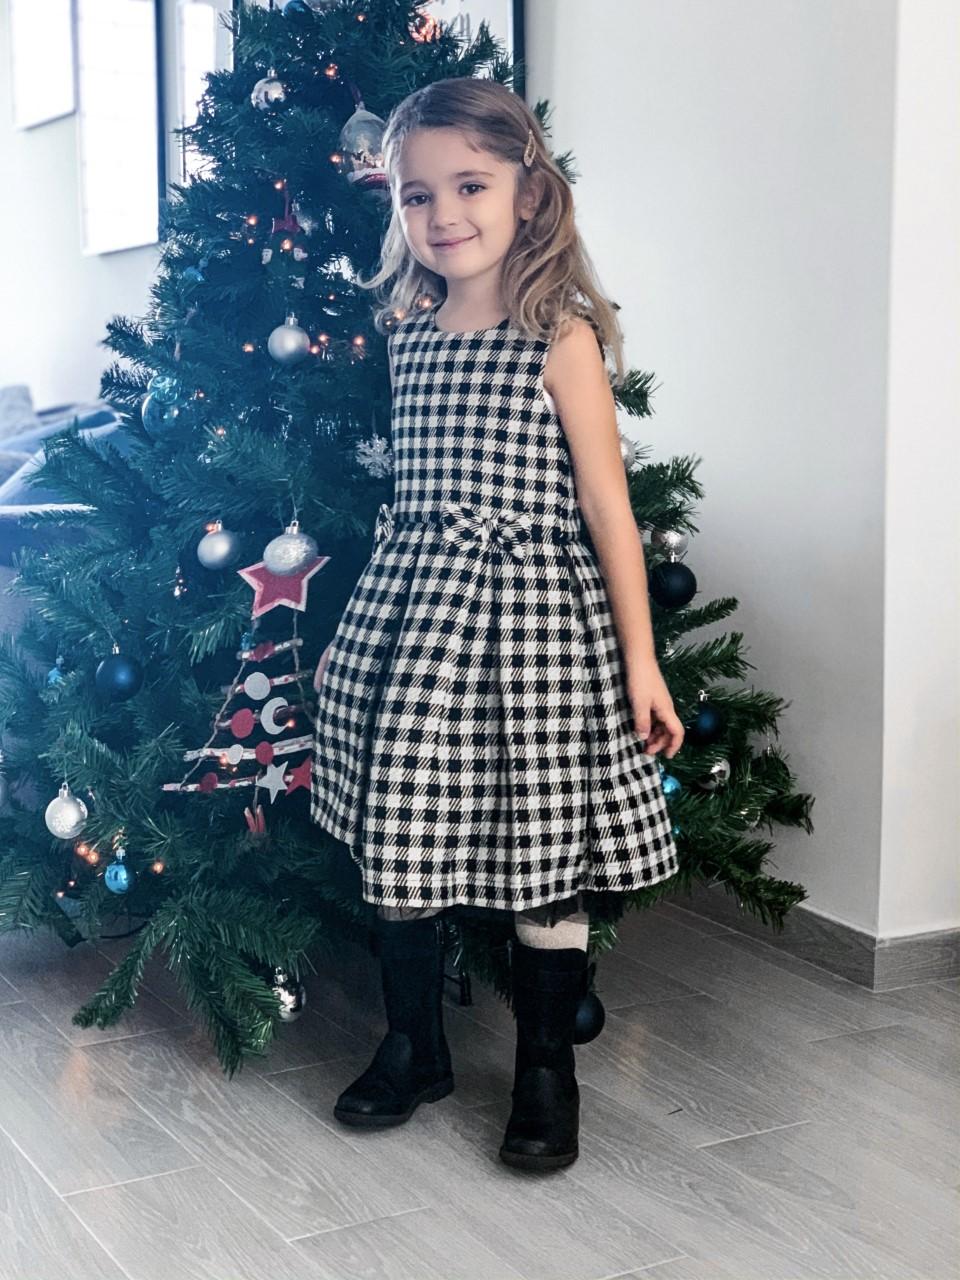 Natale è arrivato: ecco il party look di Camilla